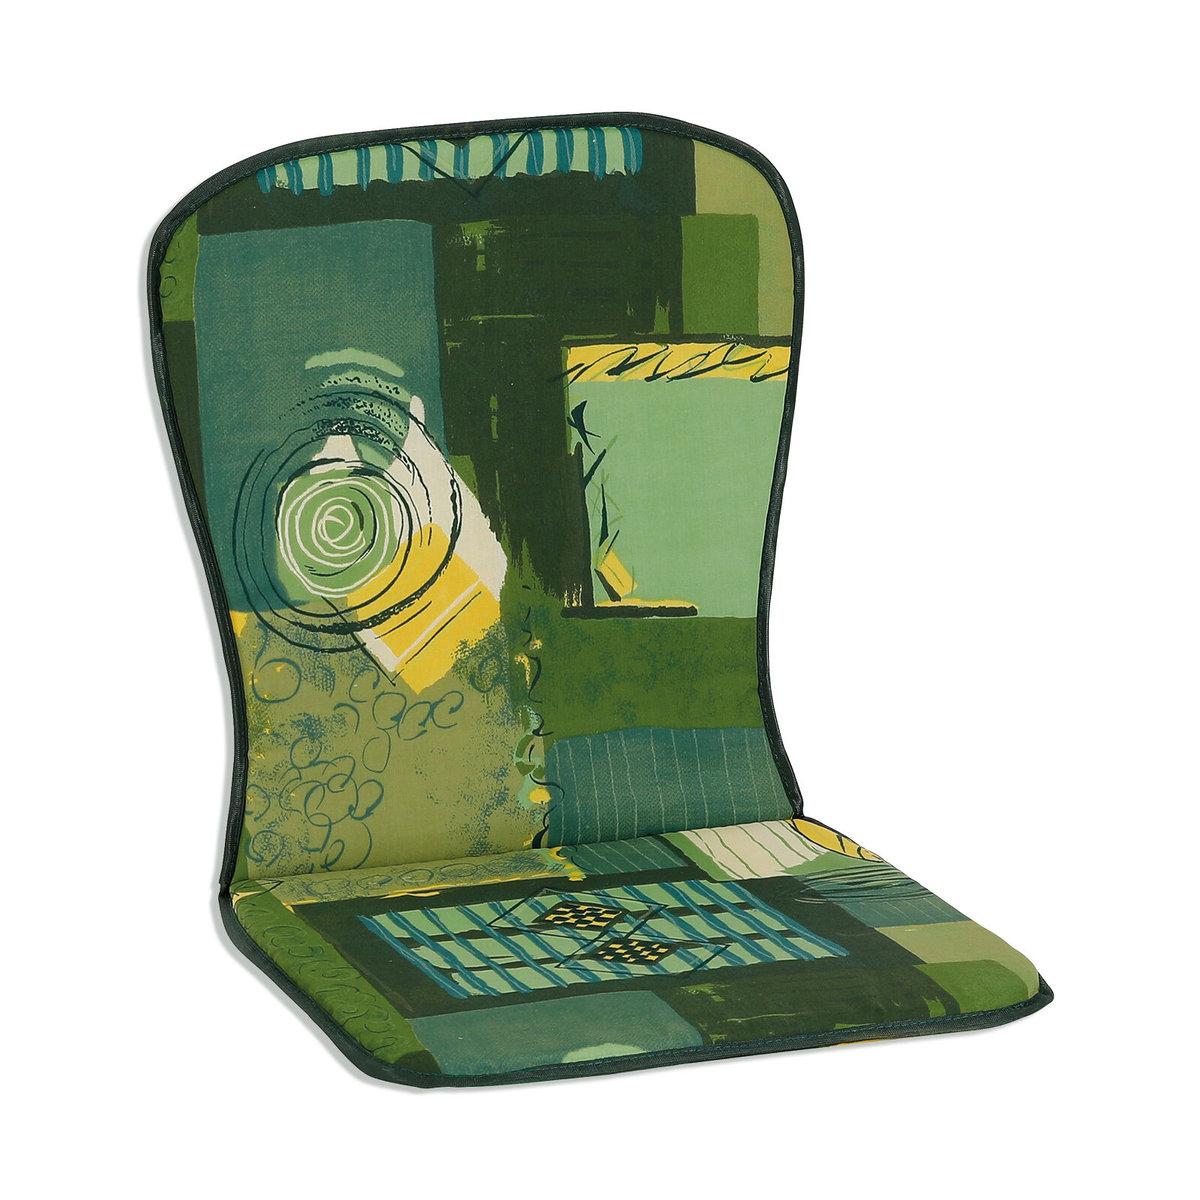 Bild 2 von Stuhlauflage - sortierte Designs - 38x74 cm - niedrig